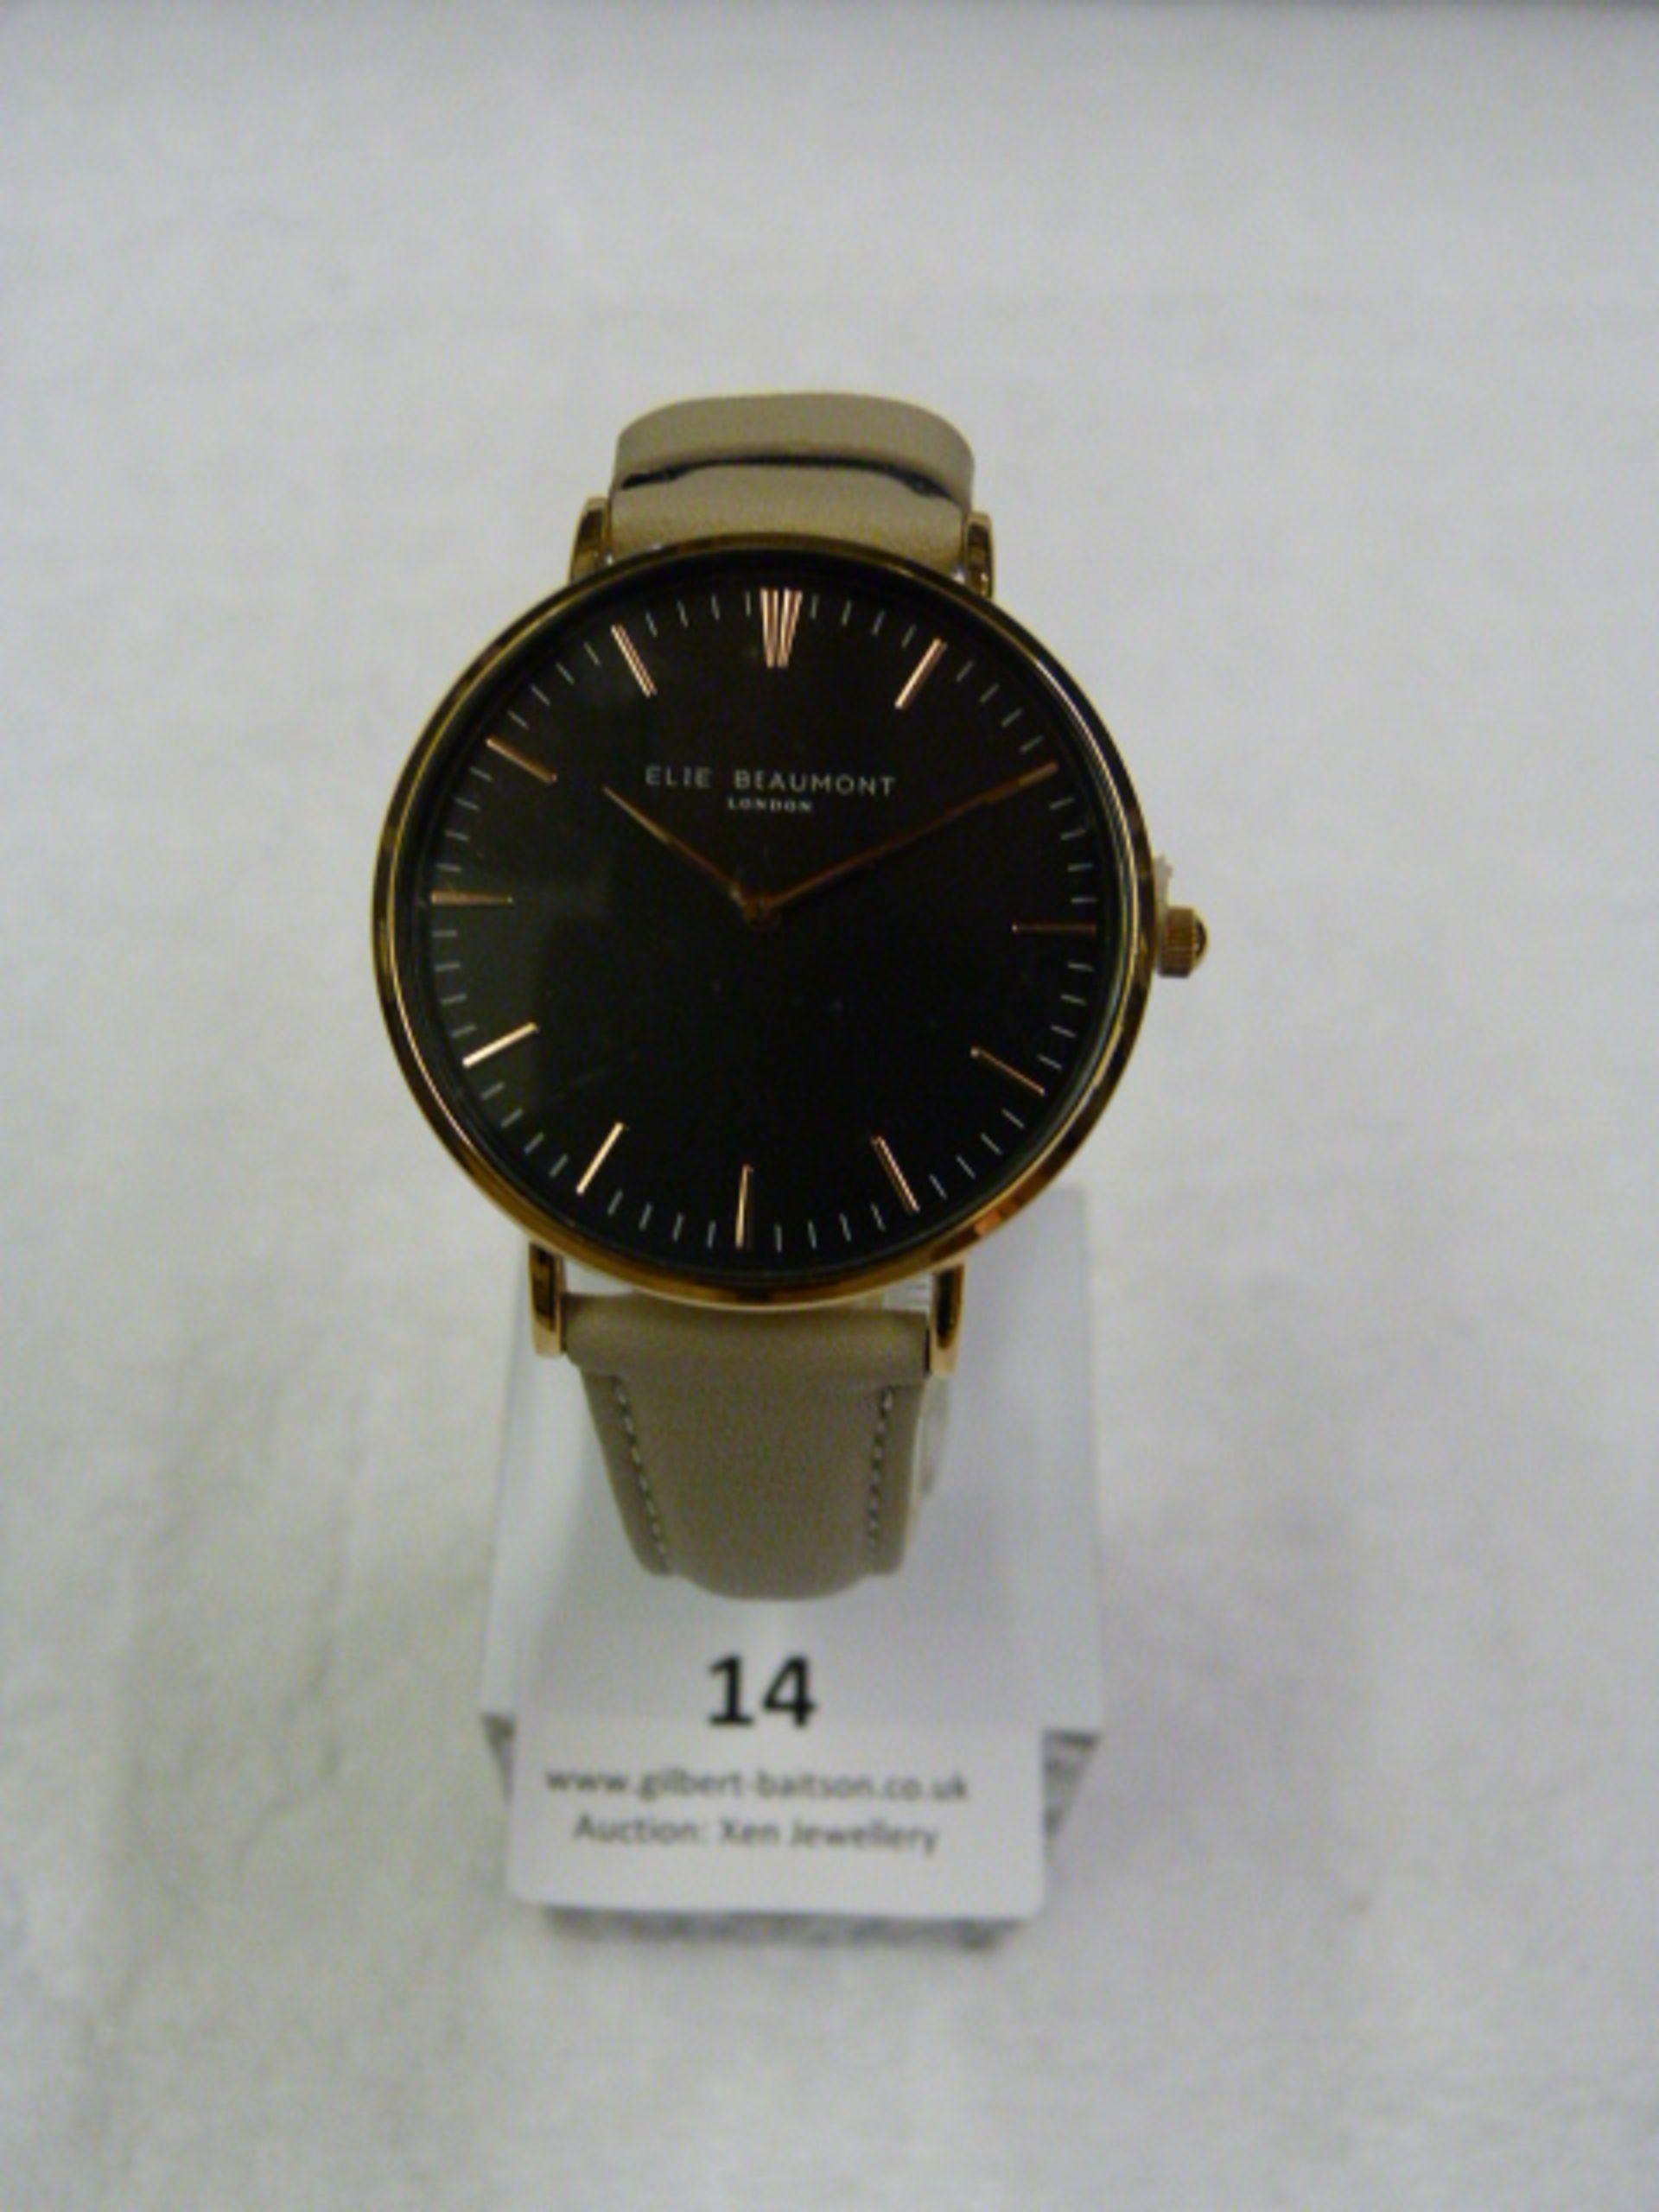 Lot 14 - *Elle Beaumont Ladies Wristwatch